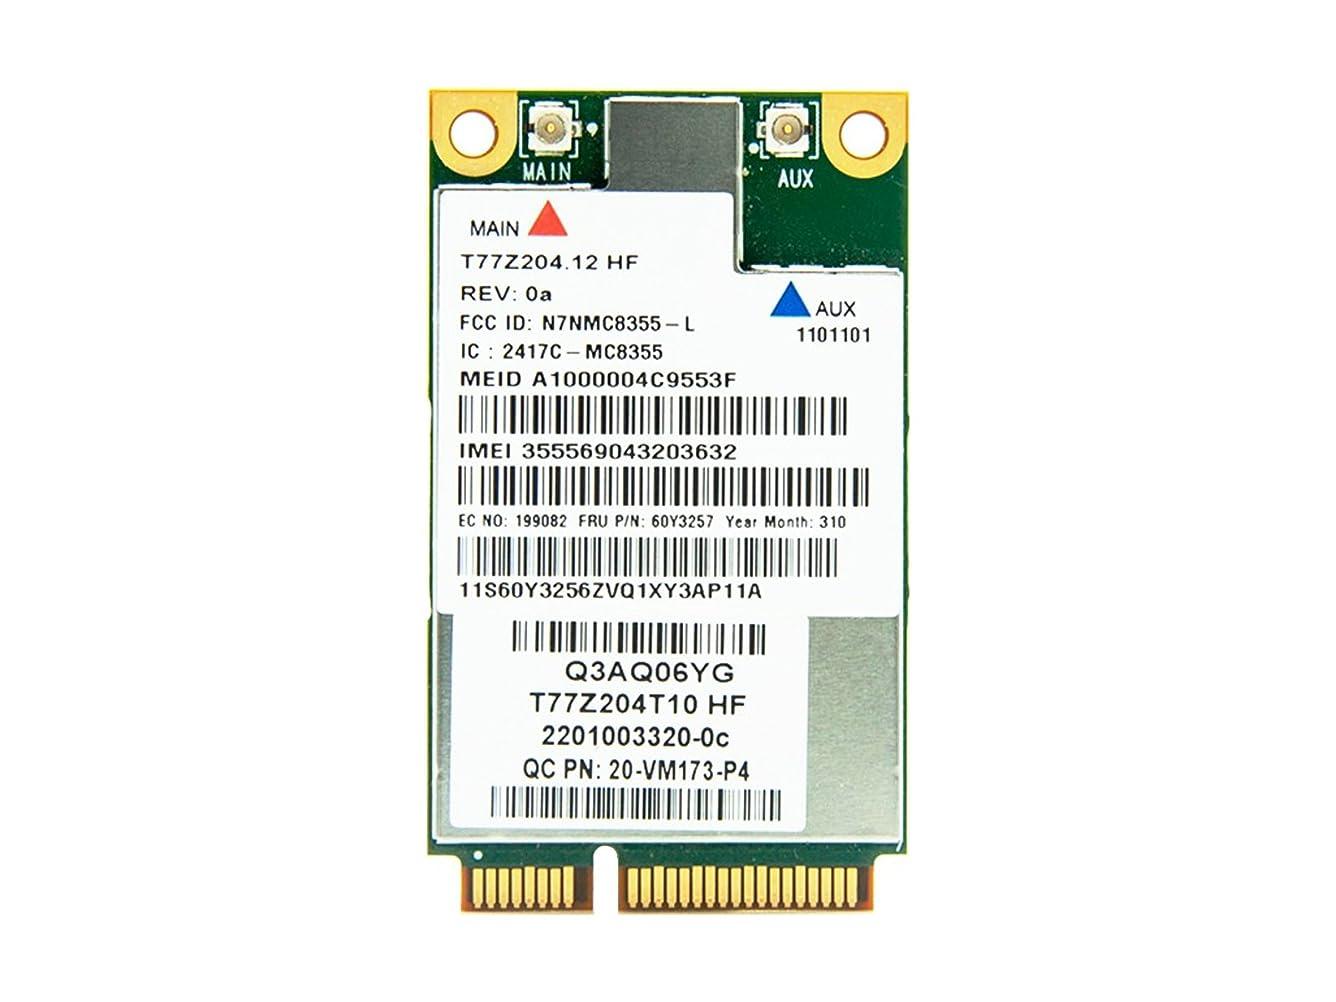 回転する蘇生する忍耐Lenovo純正 Sierra Wireless MC8355 Gobi 3000 3G HSPA+ GPS ワイヤレスWAN WWANカード 60Y3257 for Thinkpad X1, X121e, X130e, X131e, X220, X220i, X220 Tablet, X220i Tablet, X230, X230i, X230 Tablet, X230i Tablet, T420, T420i, T420s, T420si, T430, T430i, T430s, T430si, T520, T520i, T530, T530i, W520, W530, L420, L421, L430, L520, L530, S430